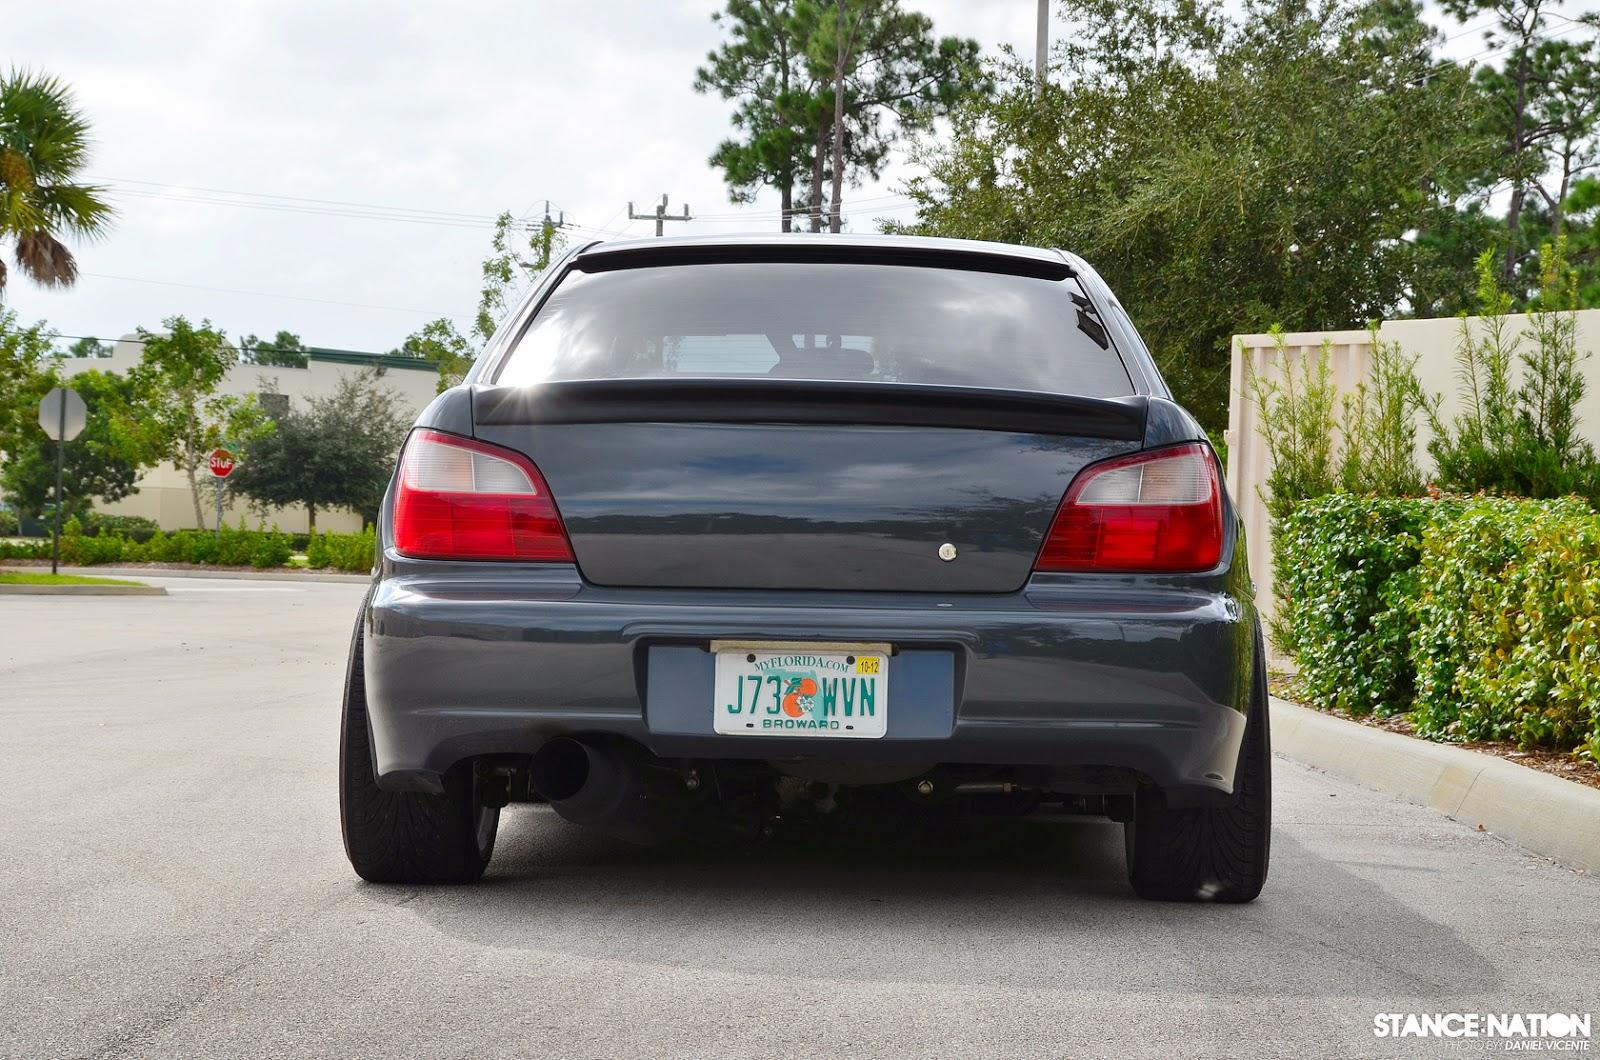 Stance Low Life Subaru 02 Wrx Bugeye Rwd